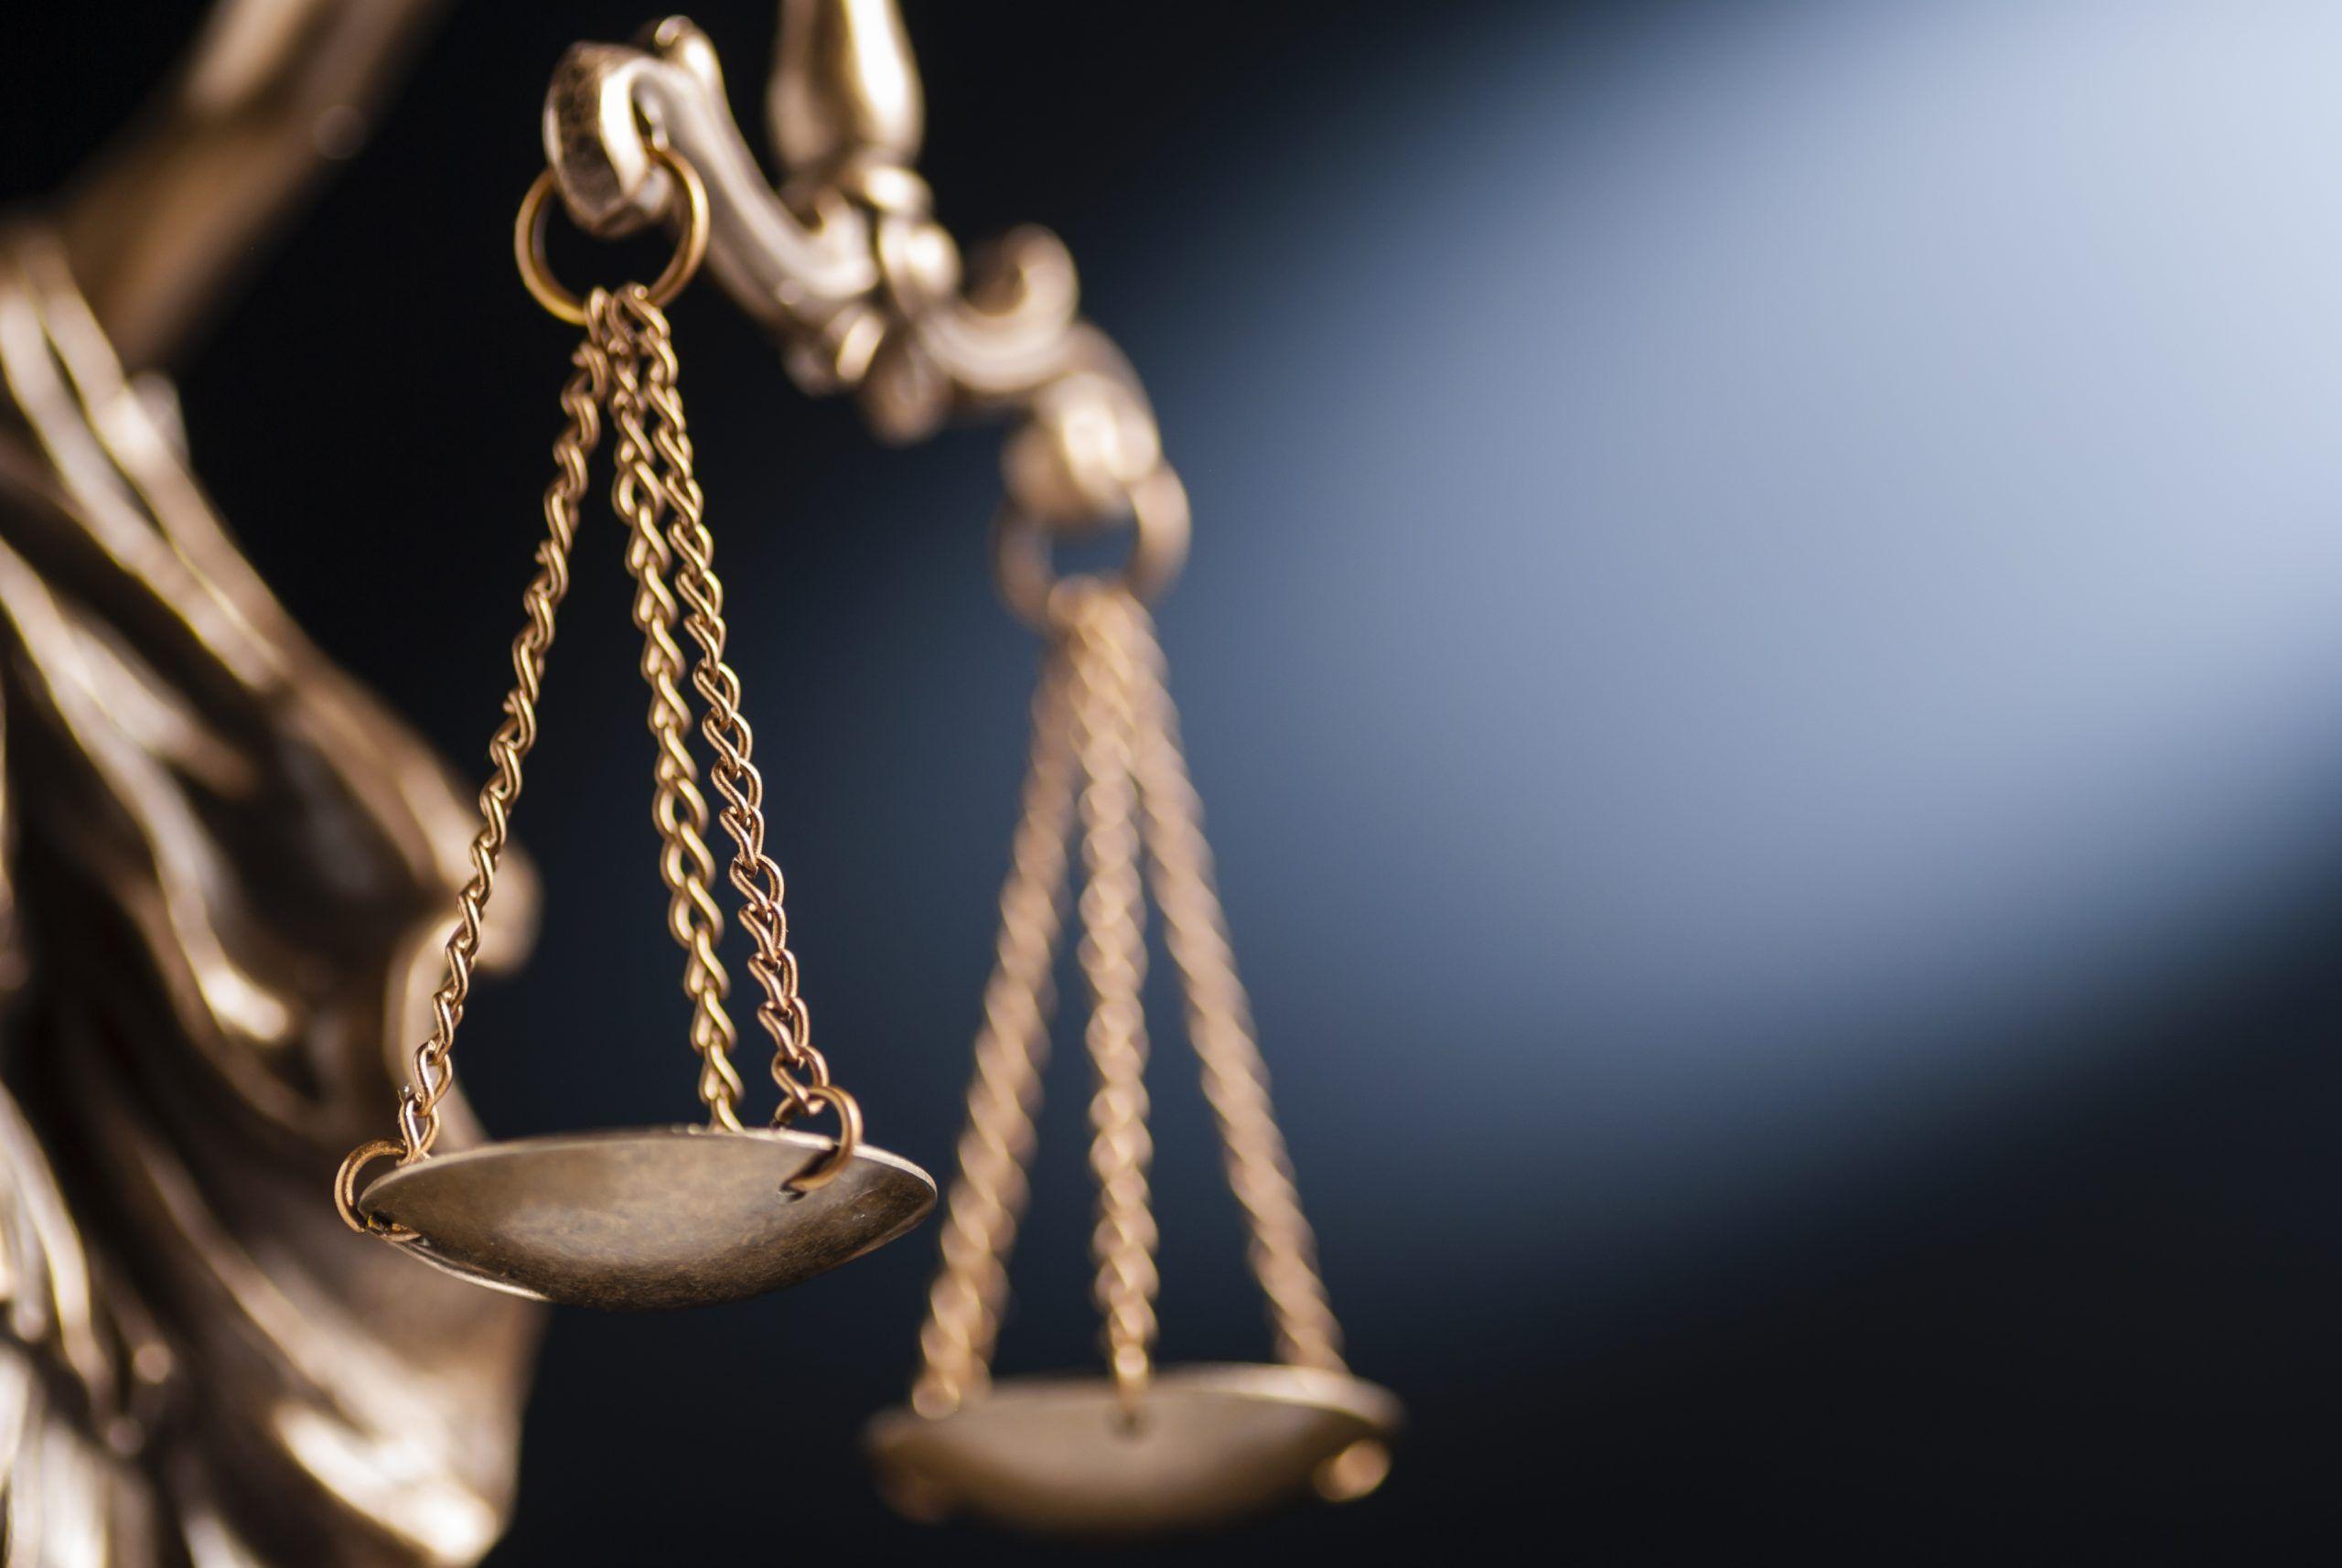 Requisitos para Acceder a la Ley de Segunda Oportunidad